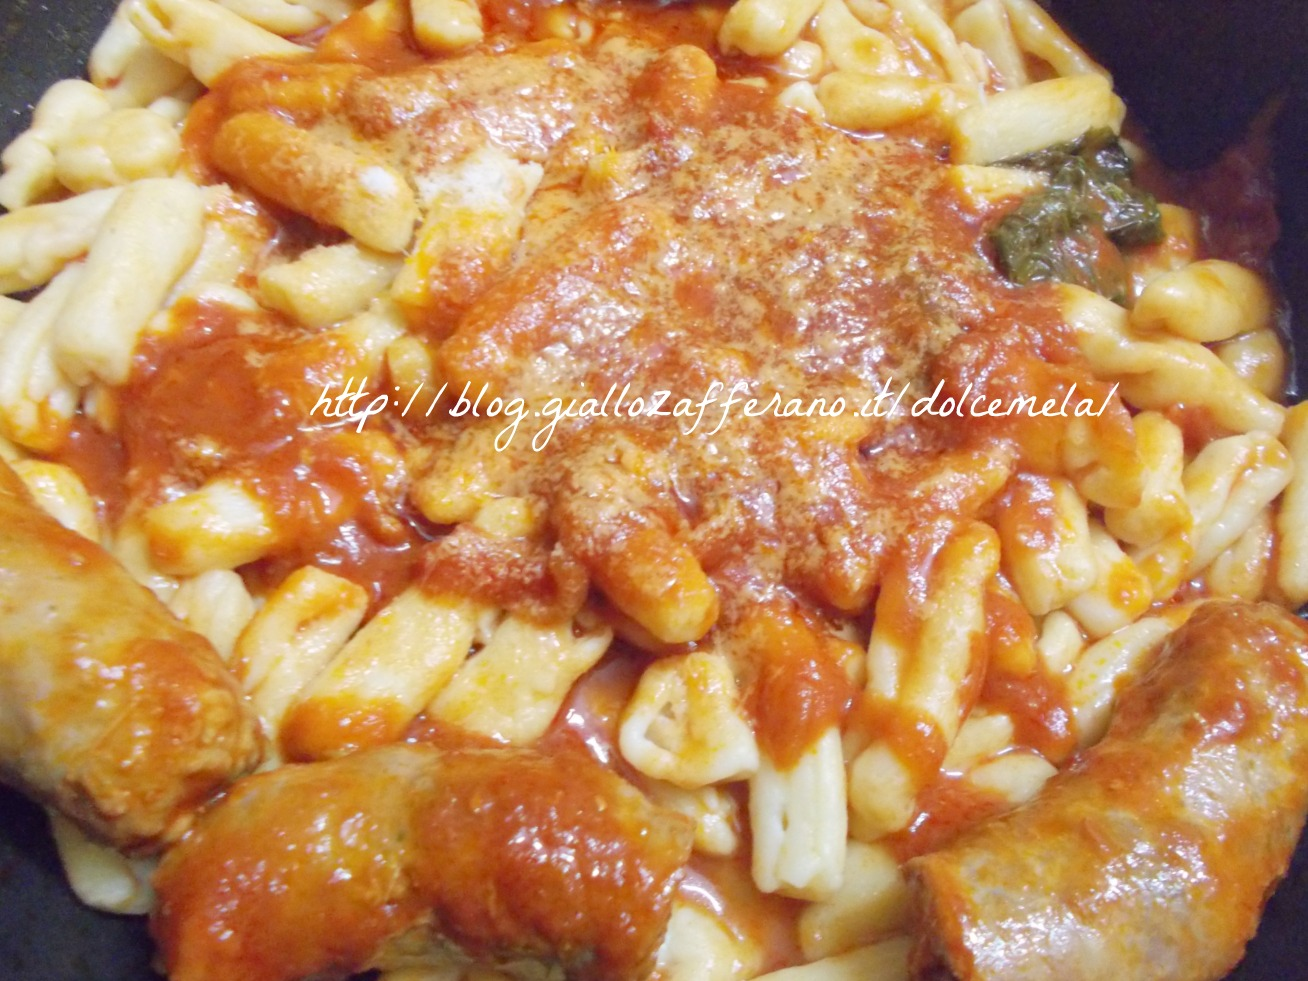 Strascinati di ricotta con salsiccia arrabbiata ricetta di pasta fresca nella cucina di profumo di glicine